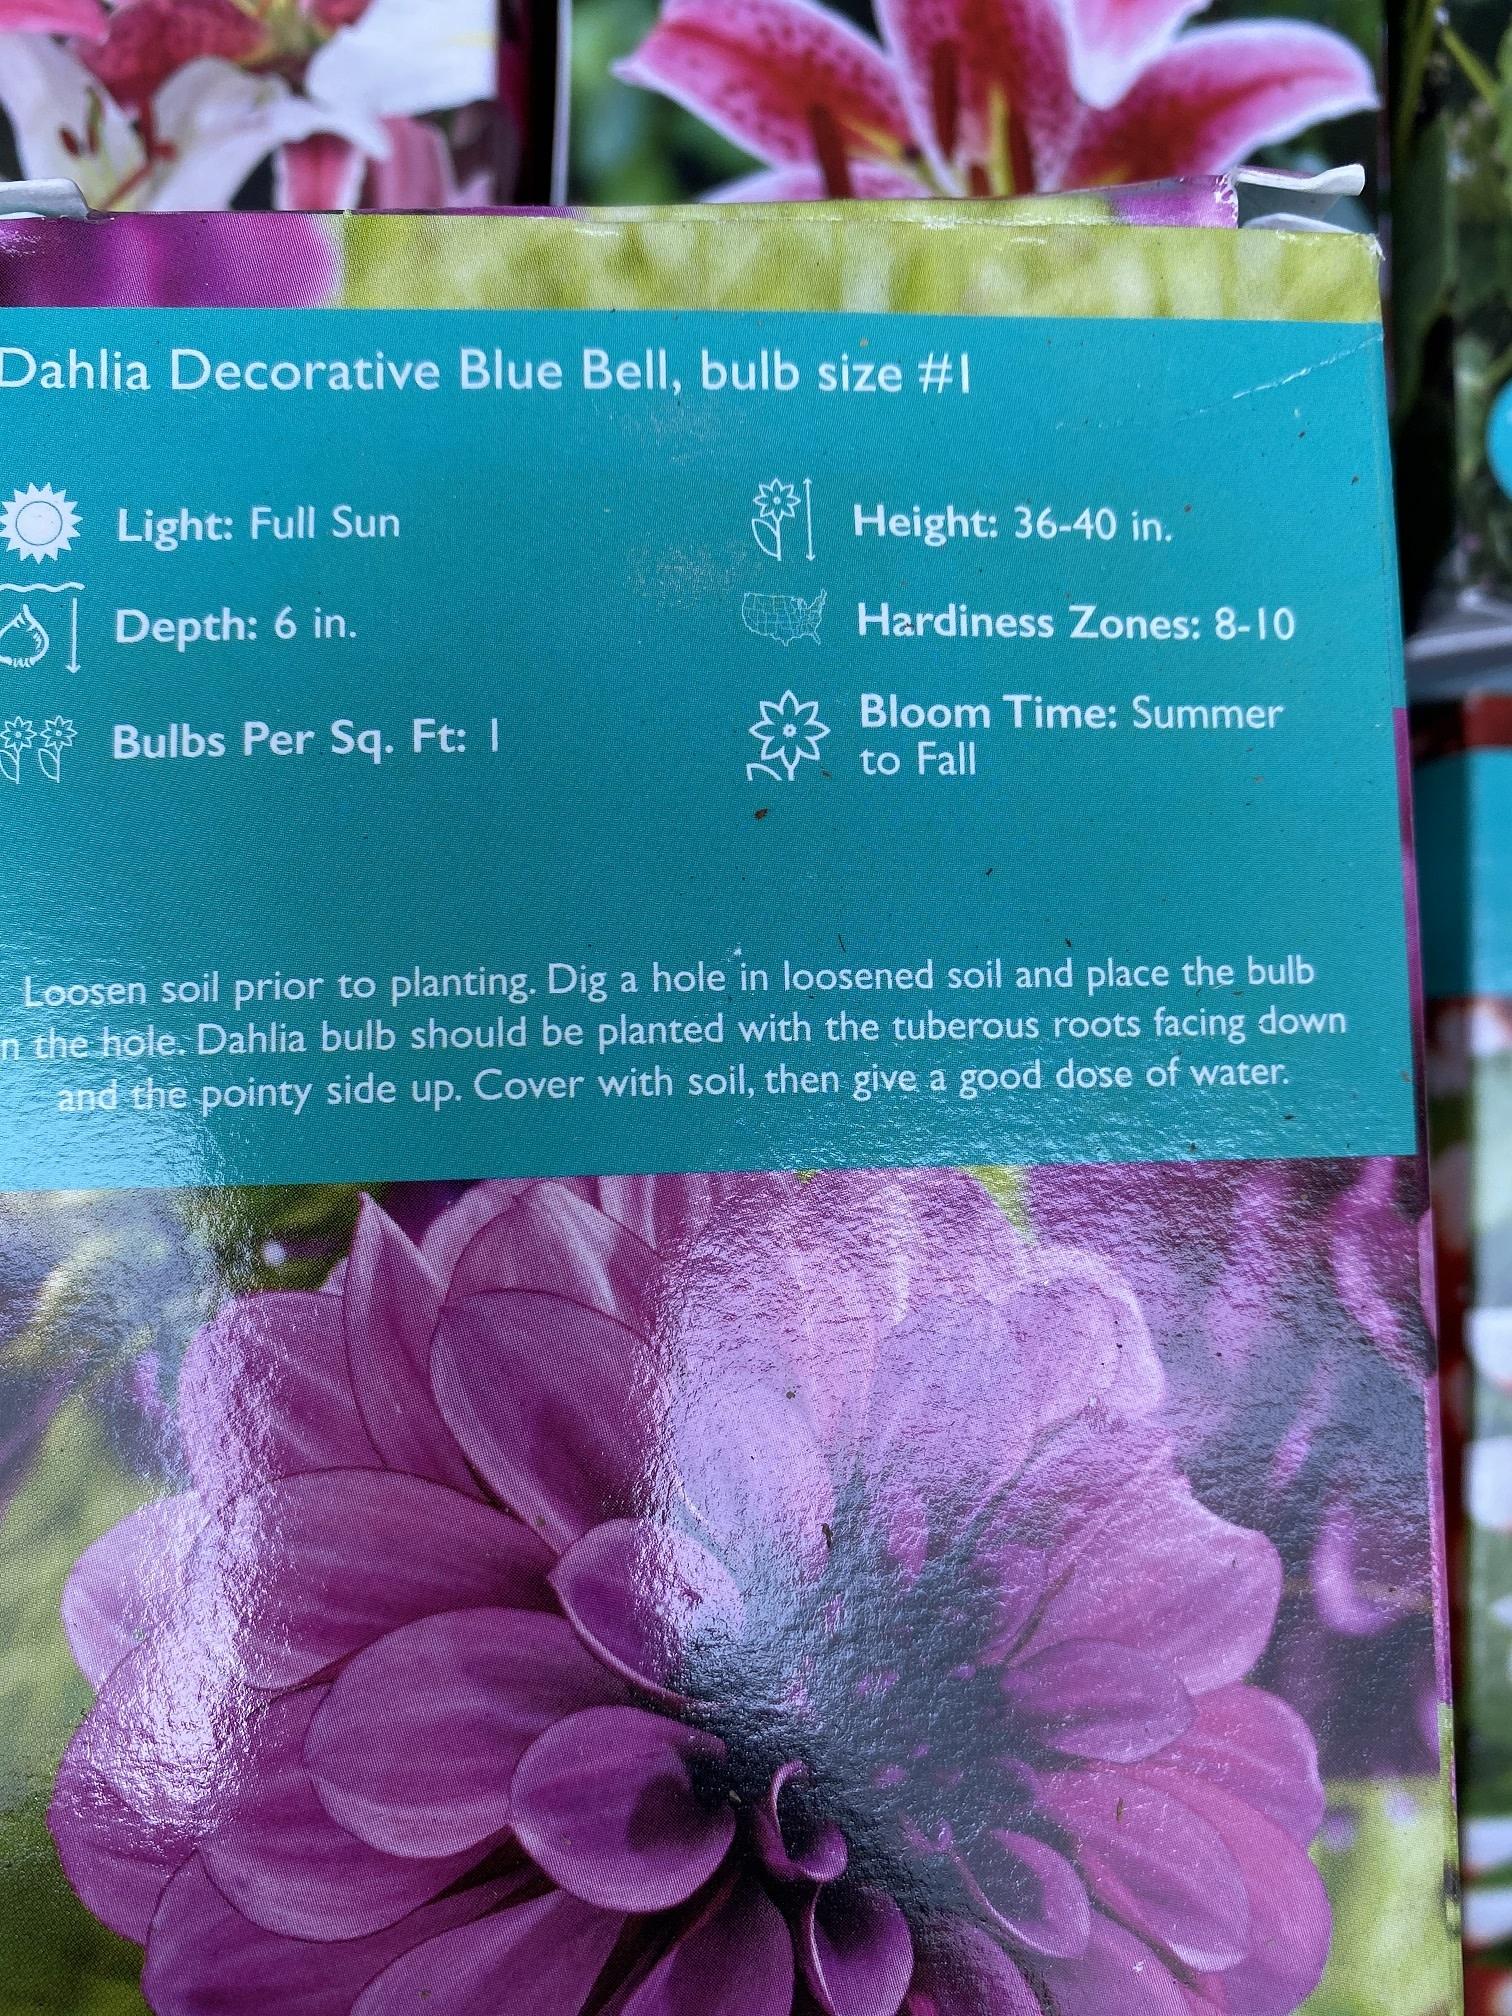 Dahlia Blue Bell, Boxed tuber